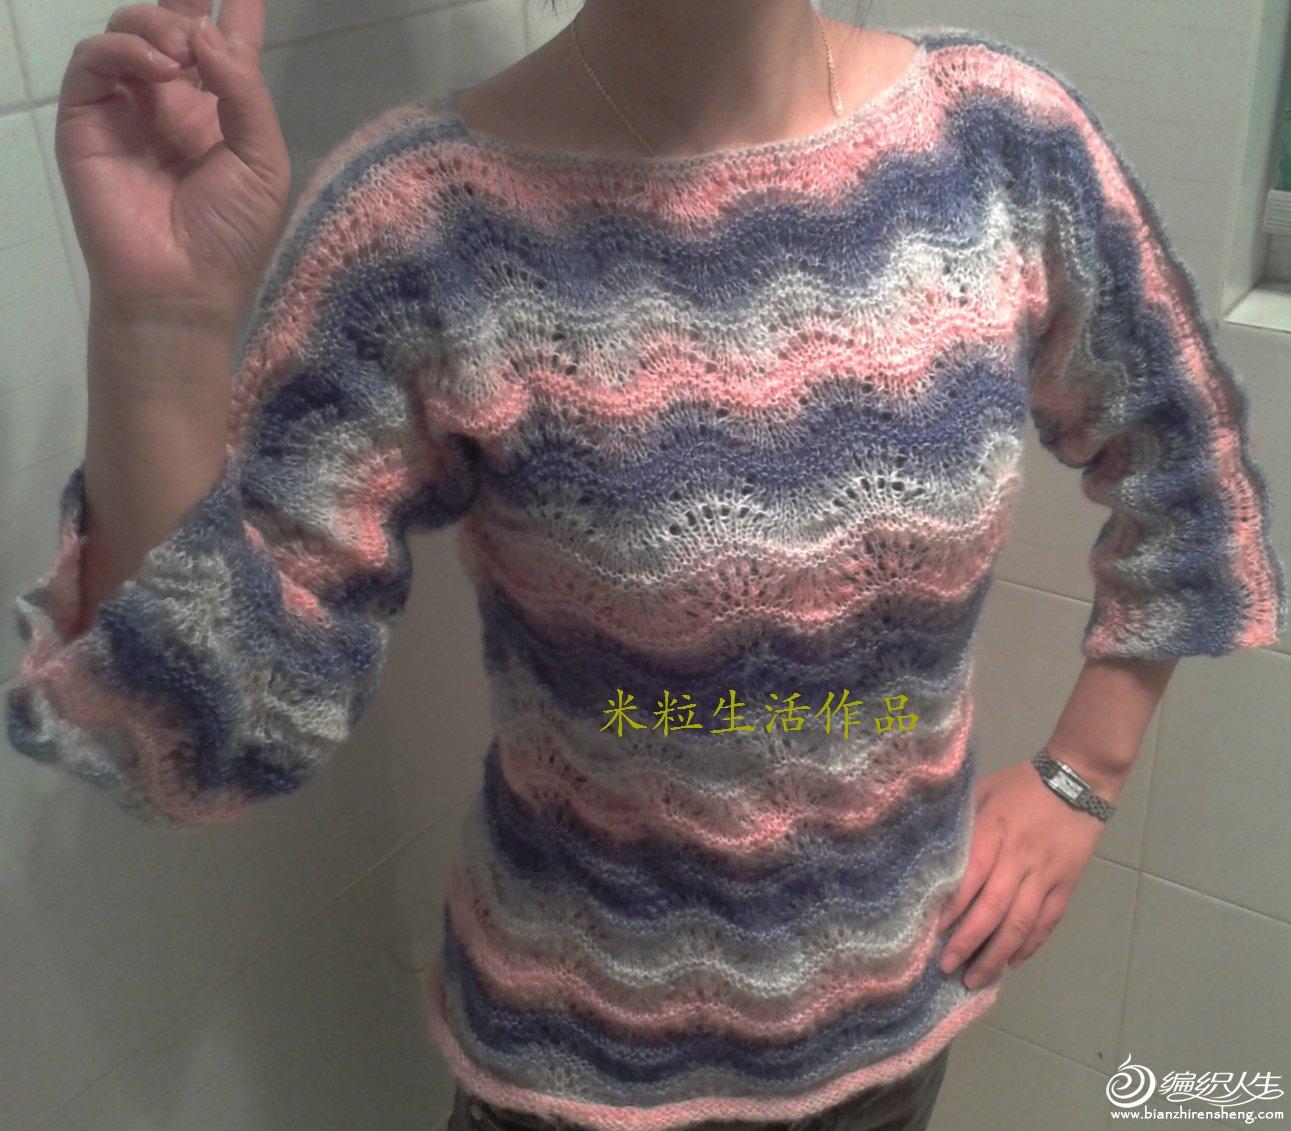 2012-11-24 18.59.47_meitu_1.jpg